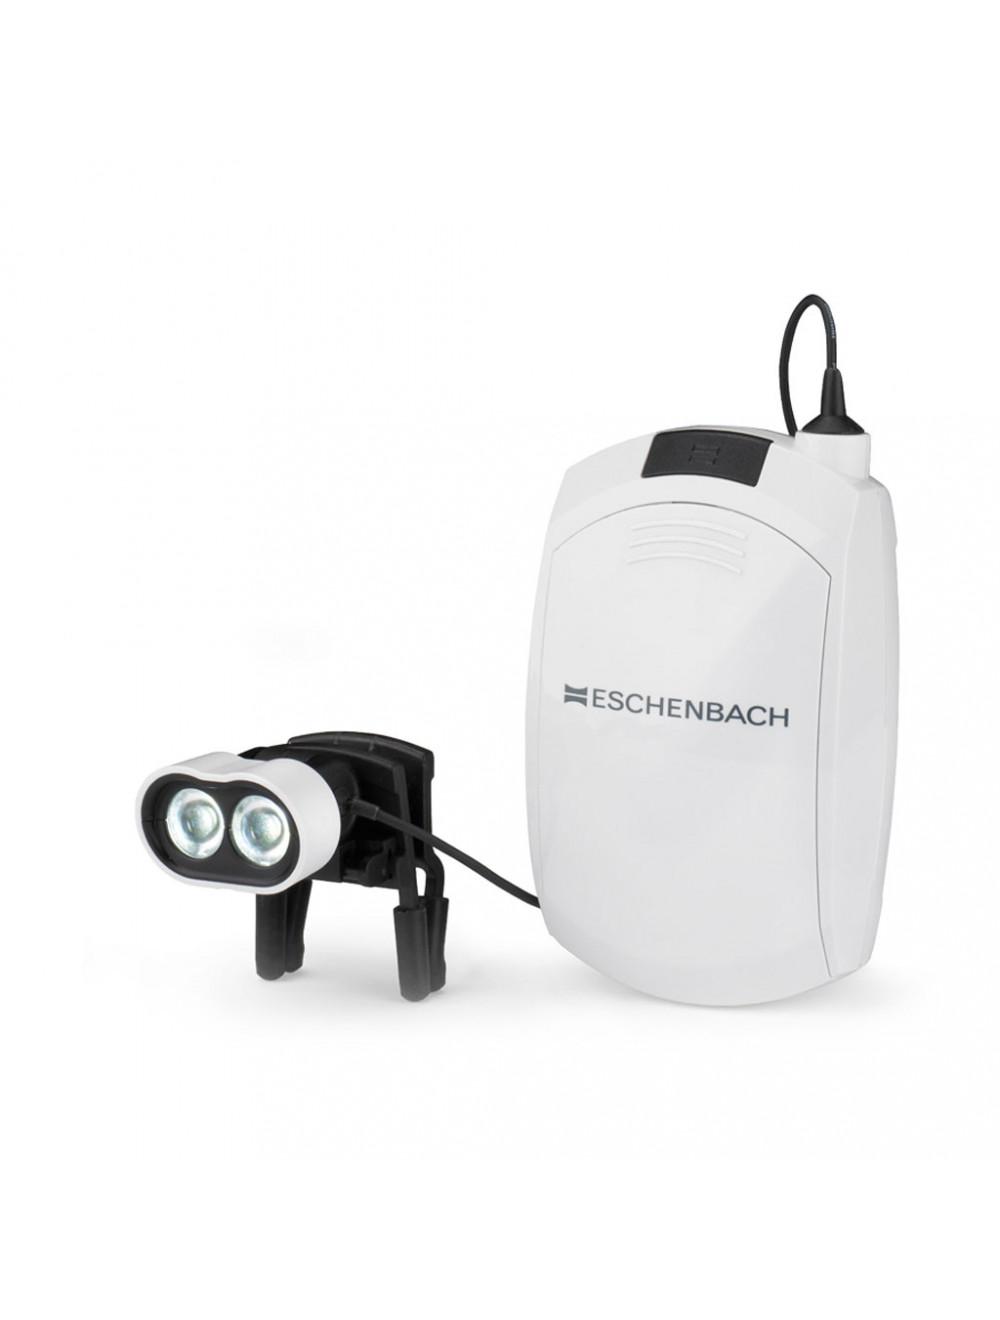 Eschenbach headlightLED, mit Clip für Brillenträger 160422